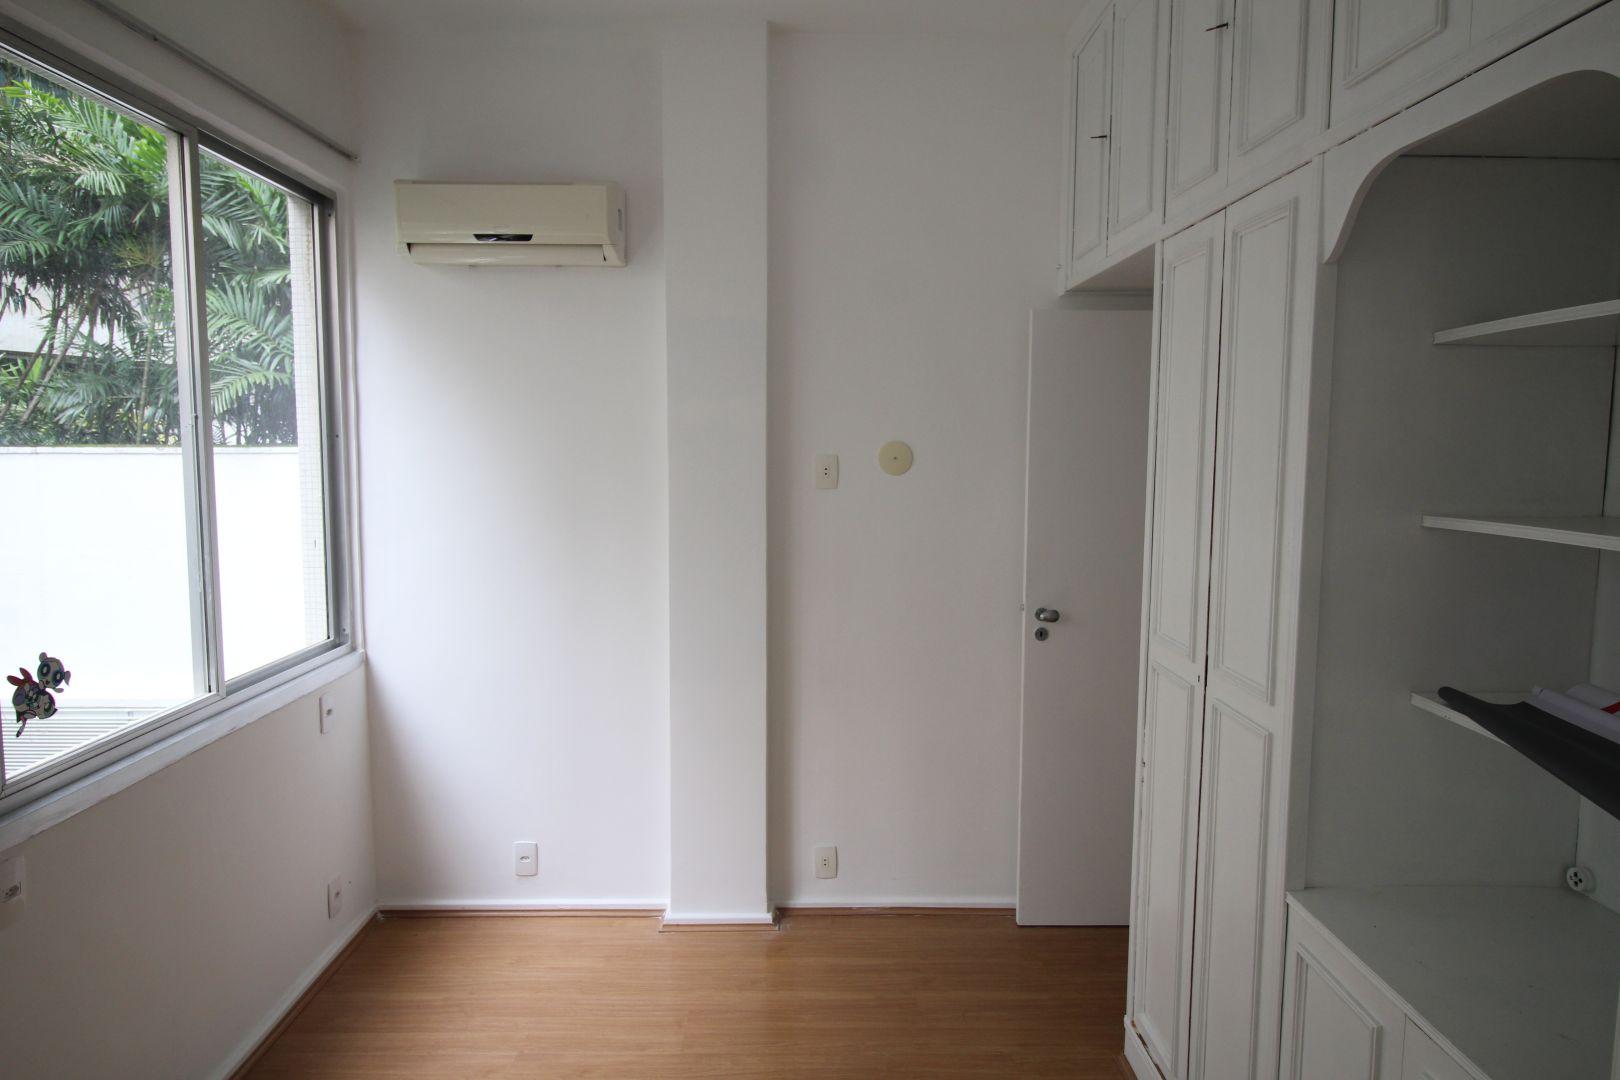 Imagem do Apartamento ID-78 na Lopes Quintas, Jardim Botânico, Rio de Janeiro - RJ